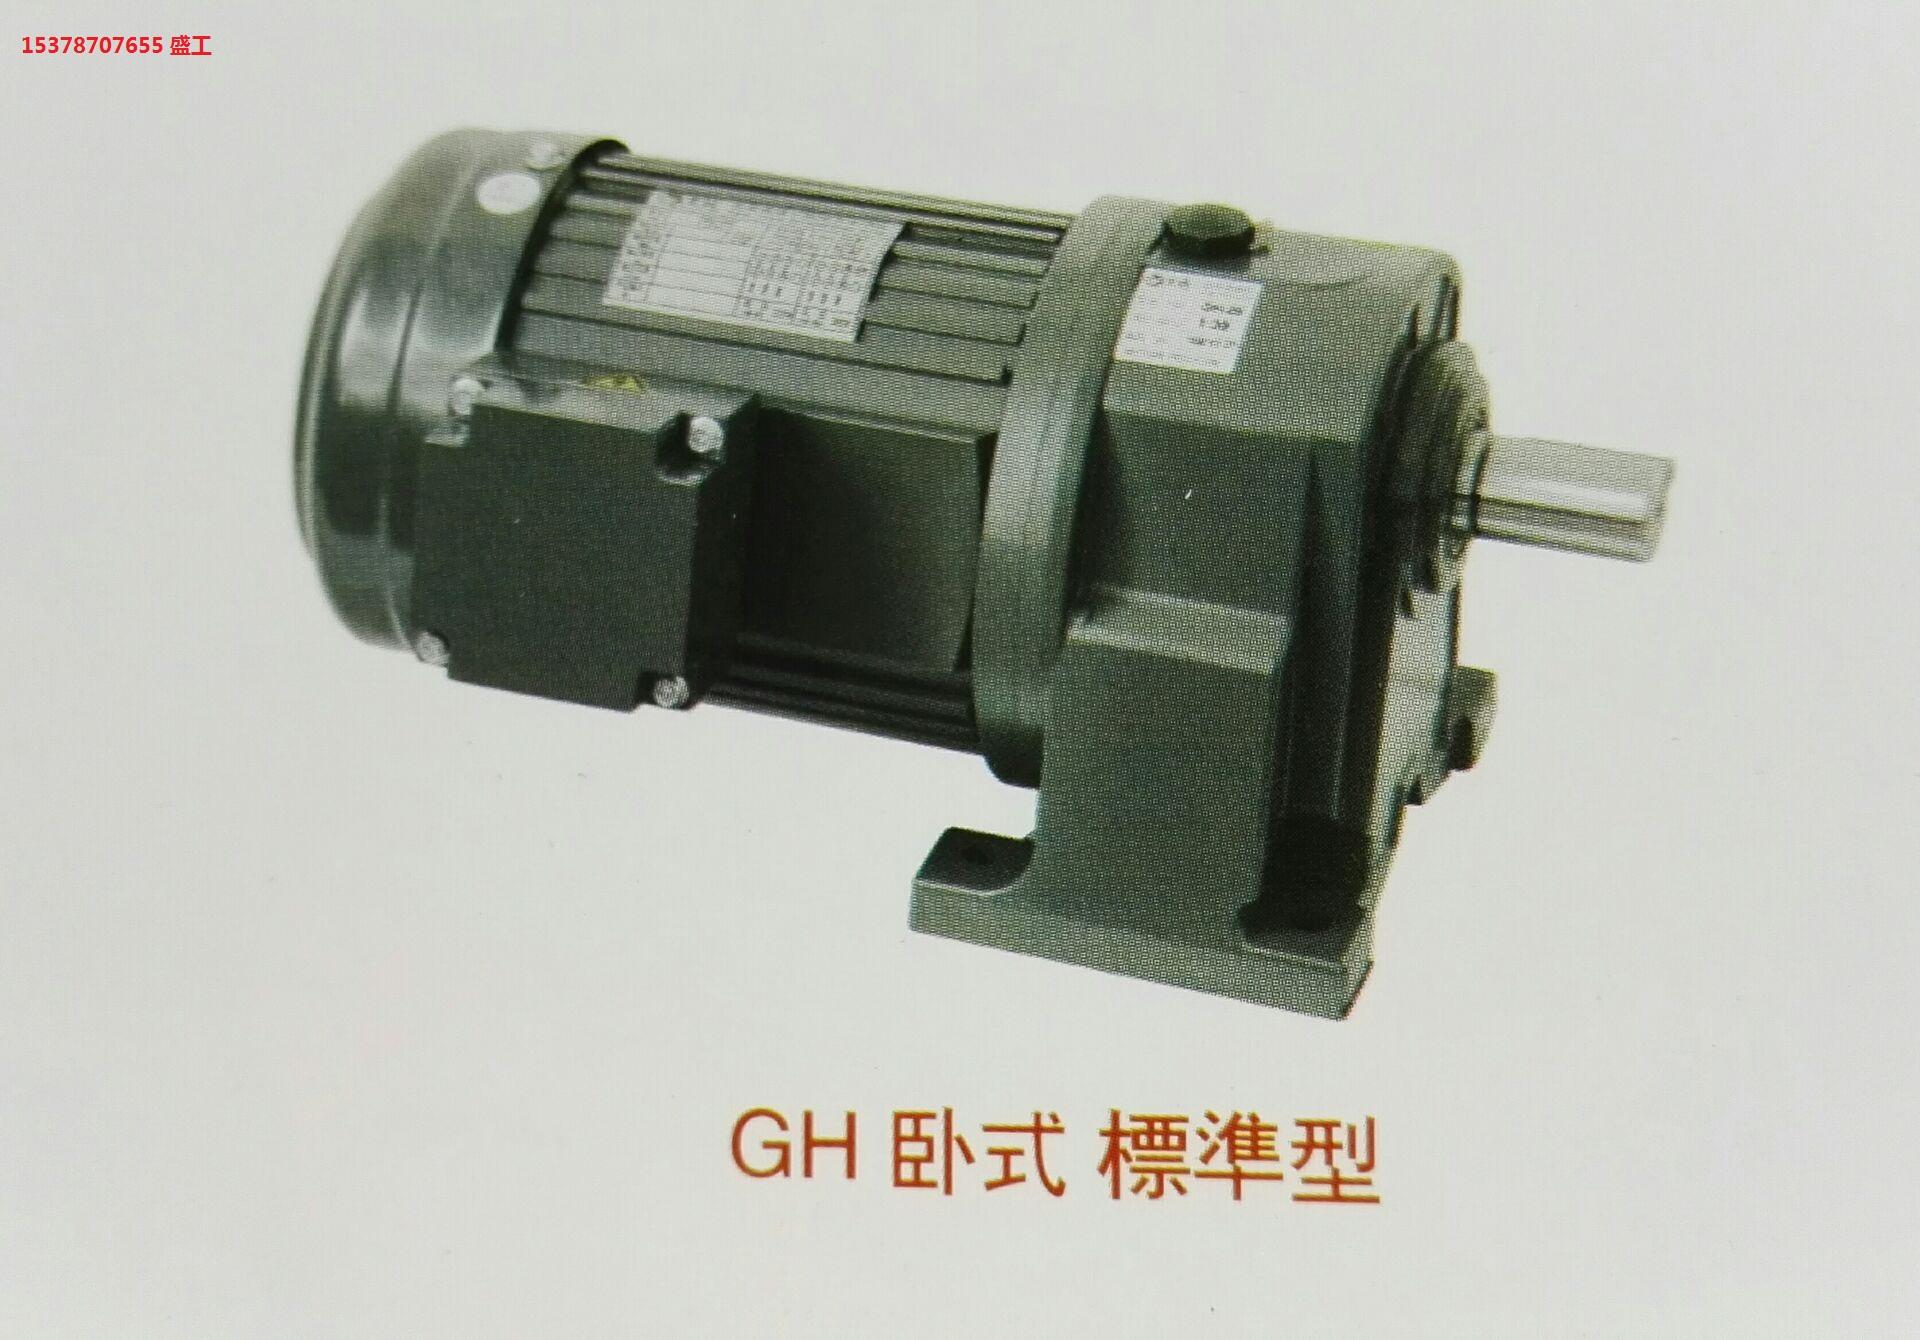 郑州迈传刹车减速机1500W原装现货秒发